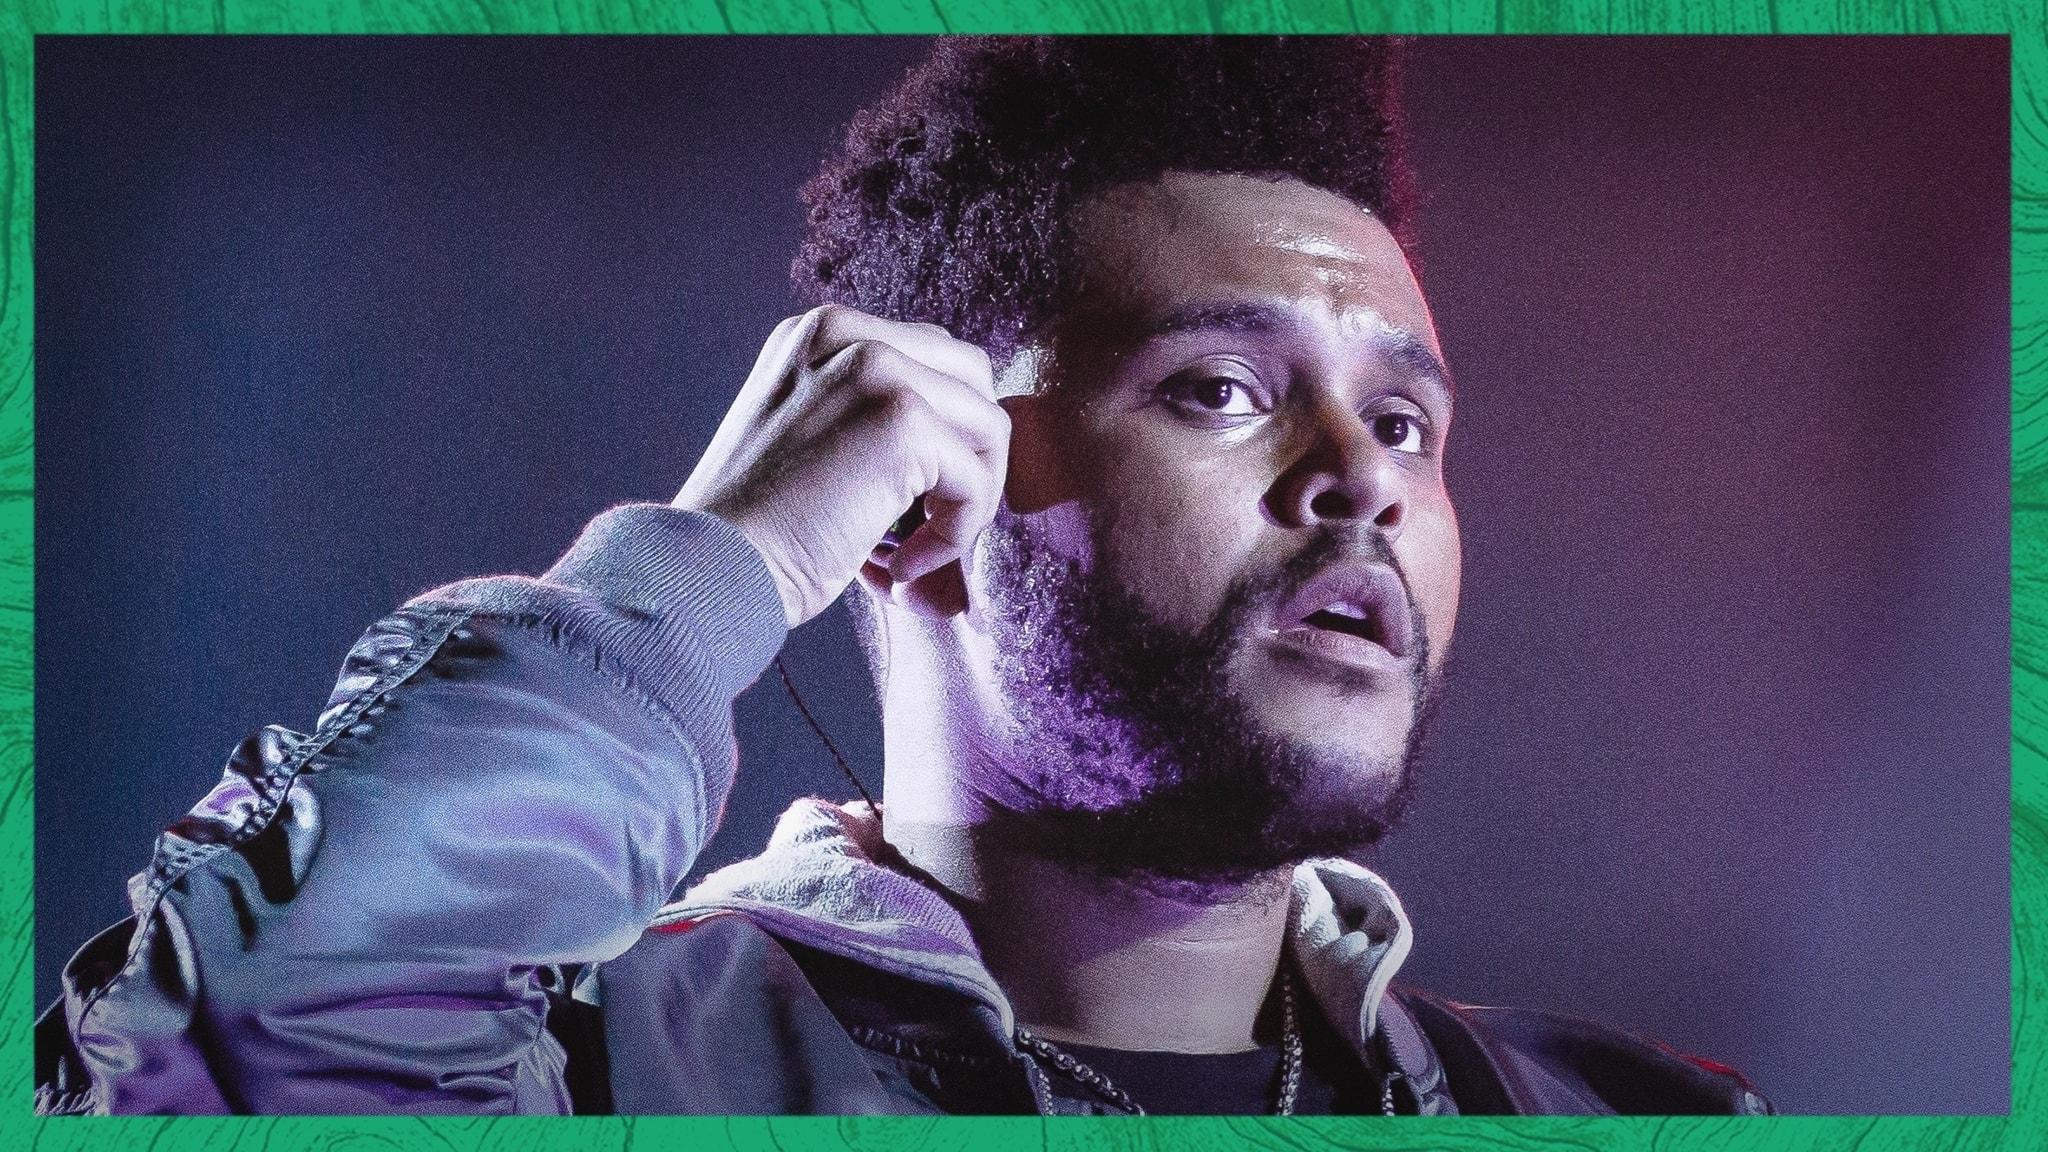 Nytt från The Weeknd, och Hov1 skakar om toppen